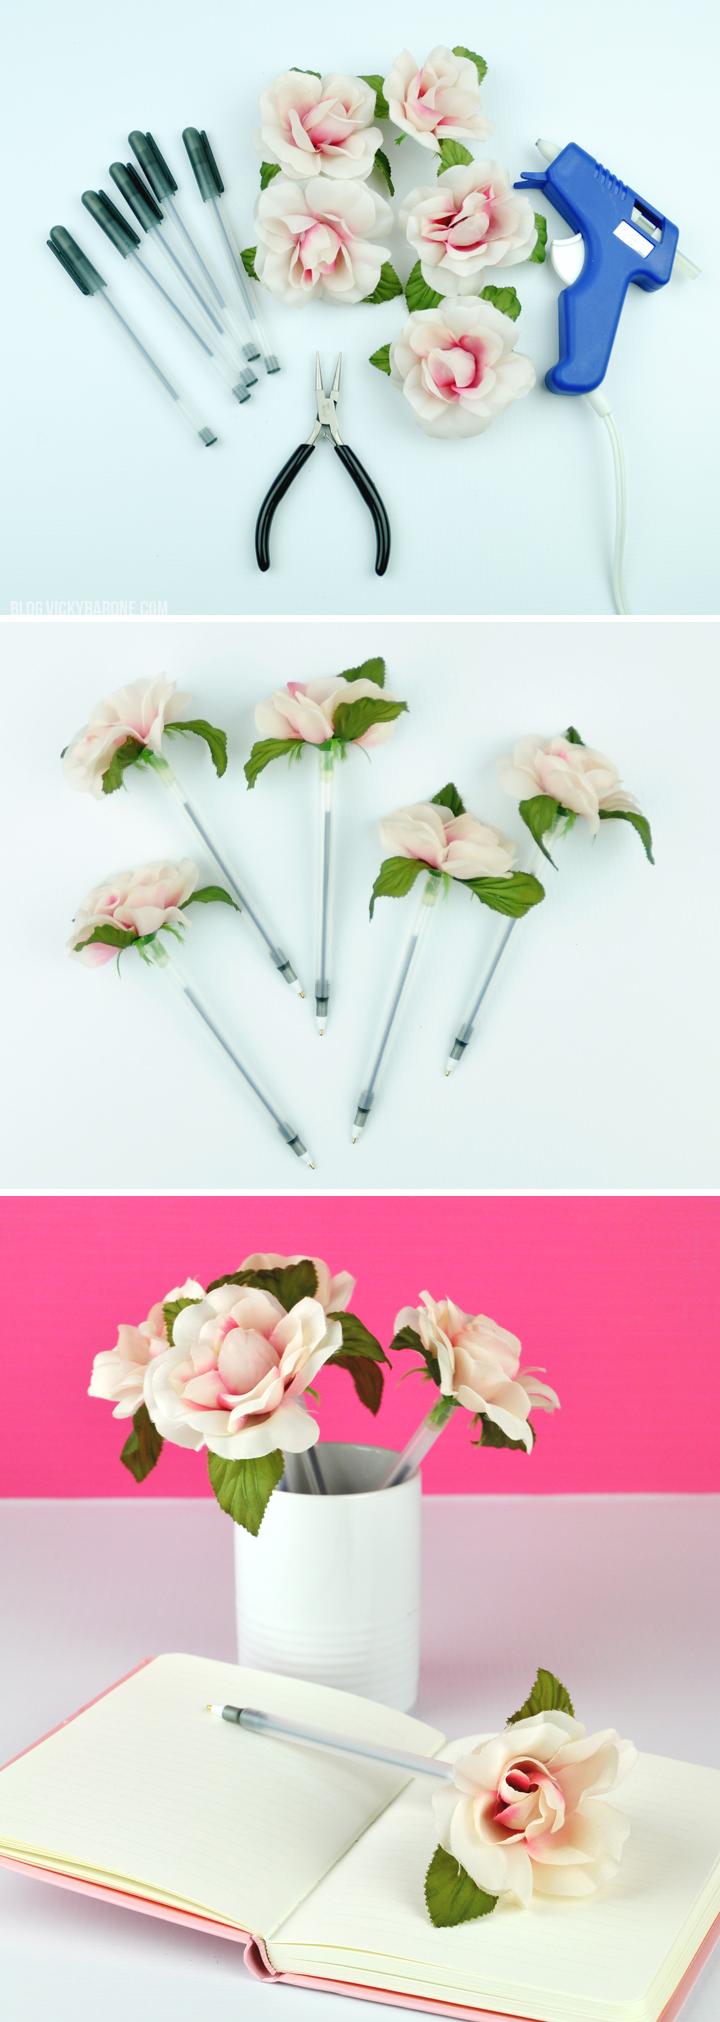 cadeau maitresse diy, stylo décoré de fleur artificielle, cadeau fin d année maitresse a faire soi meme